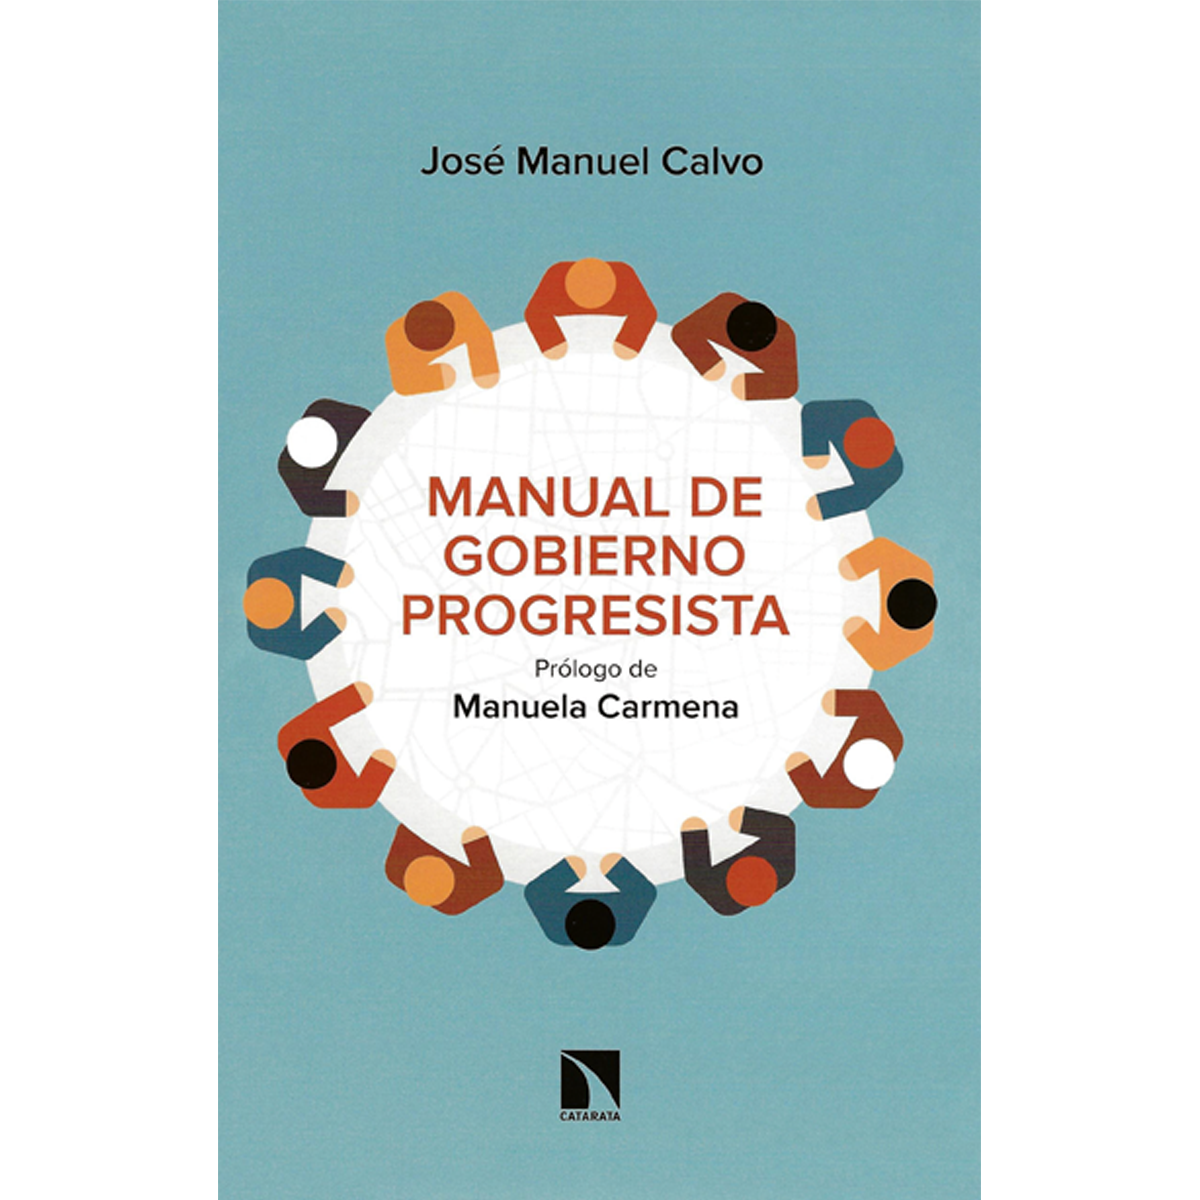 Manual de gobierno progresista